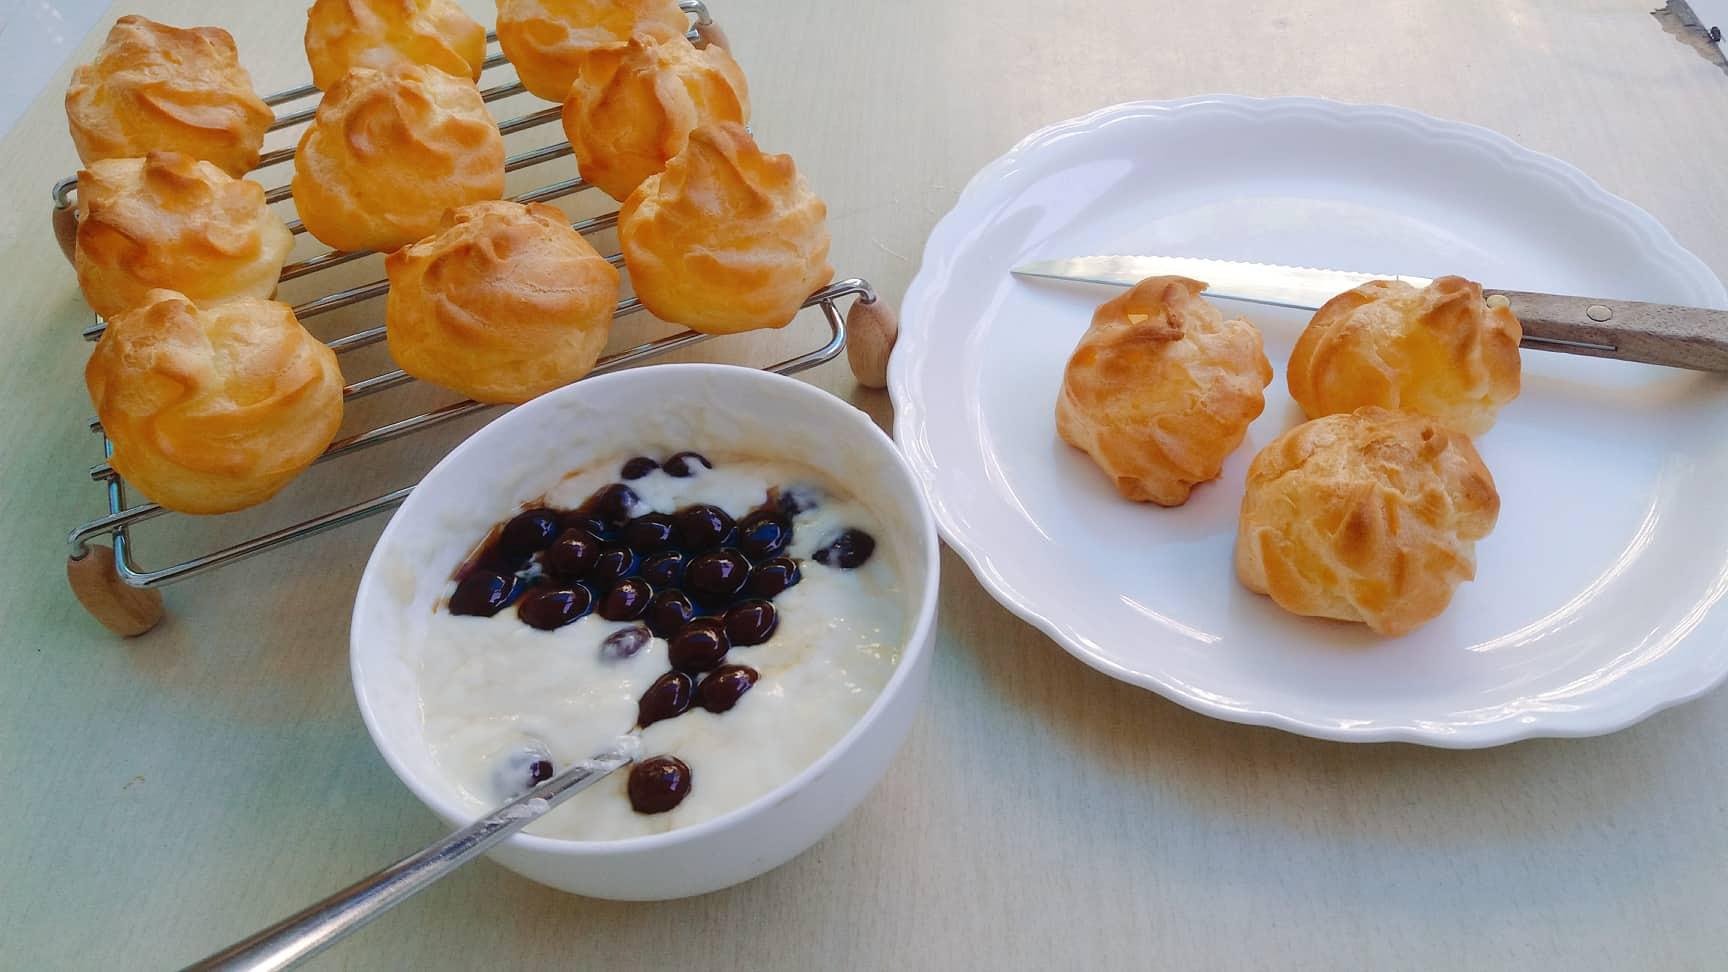 Công thức bánh su kem nhân mới lạ cho tín đồ yêu trân châu đen